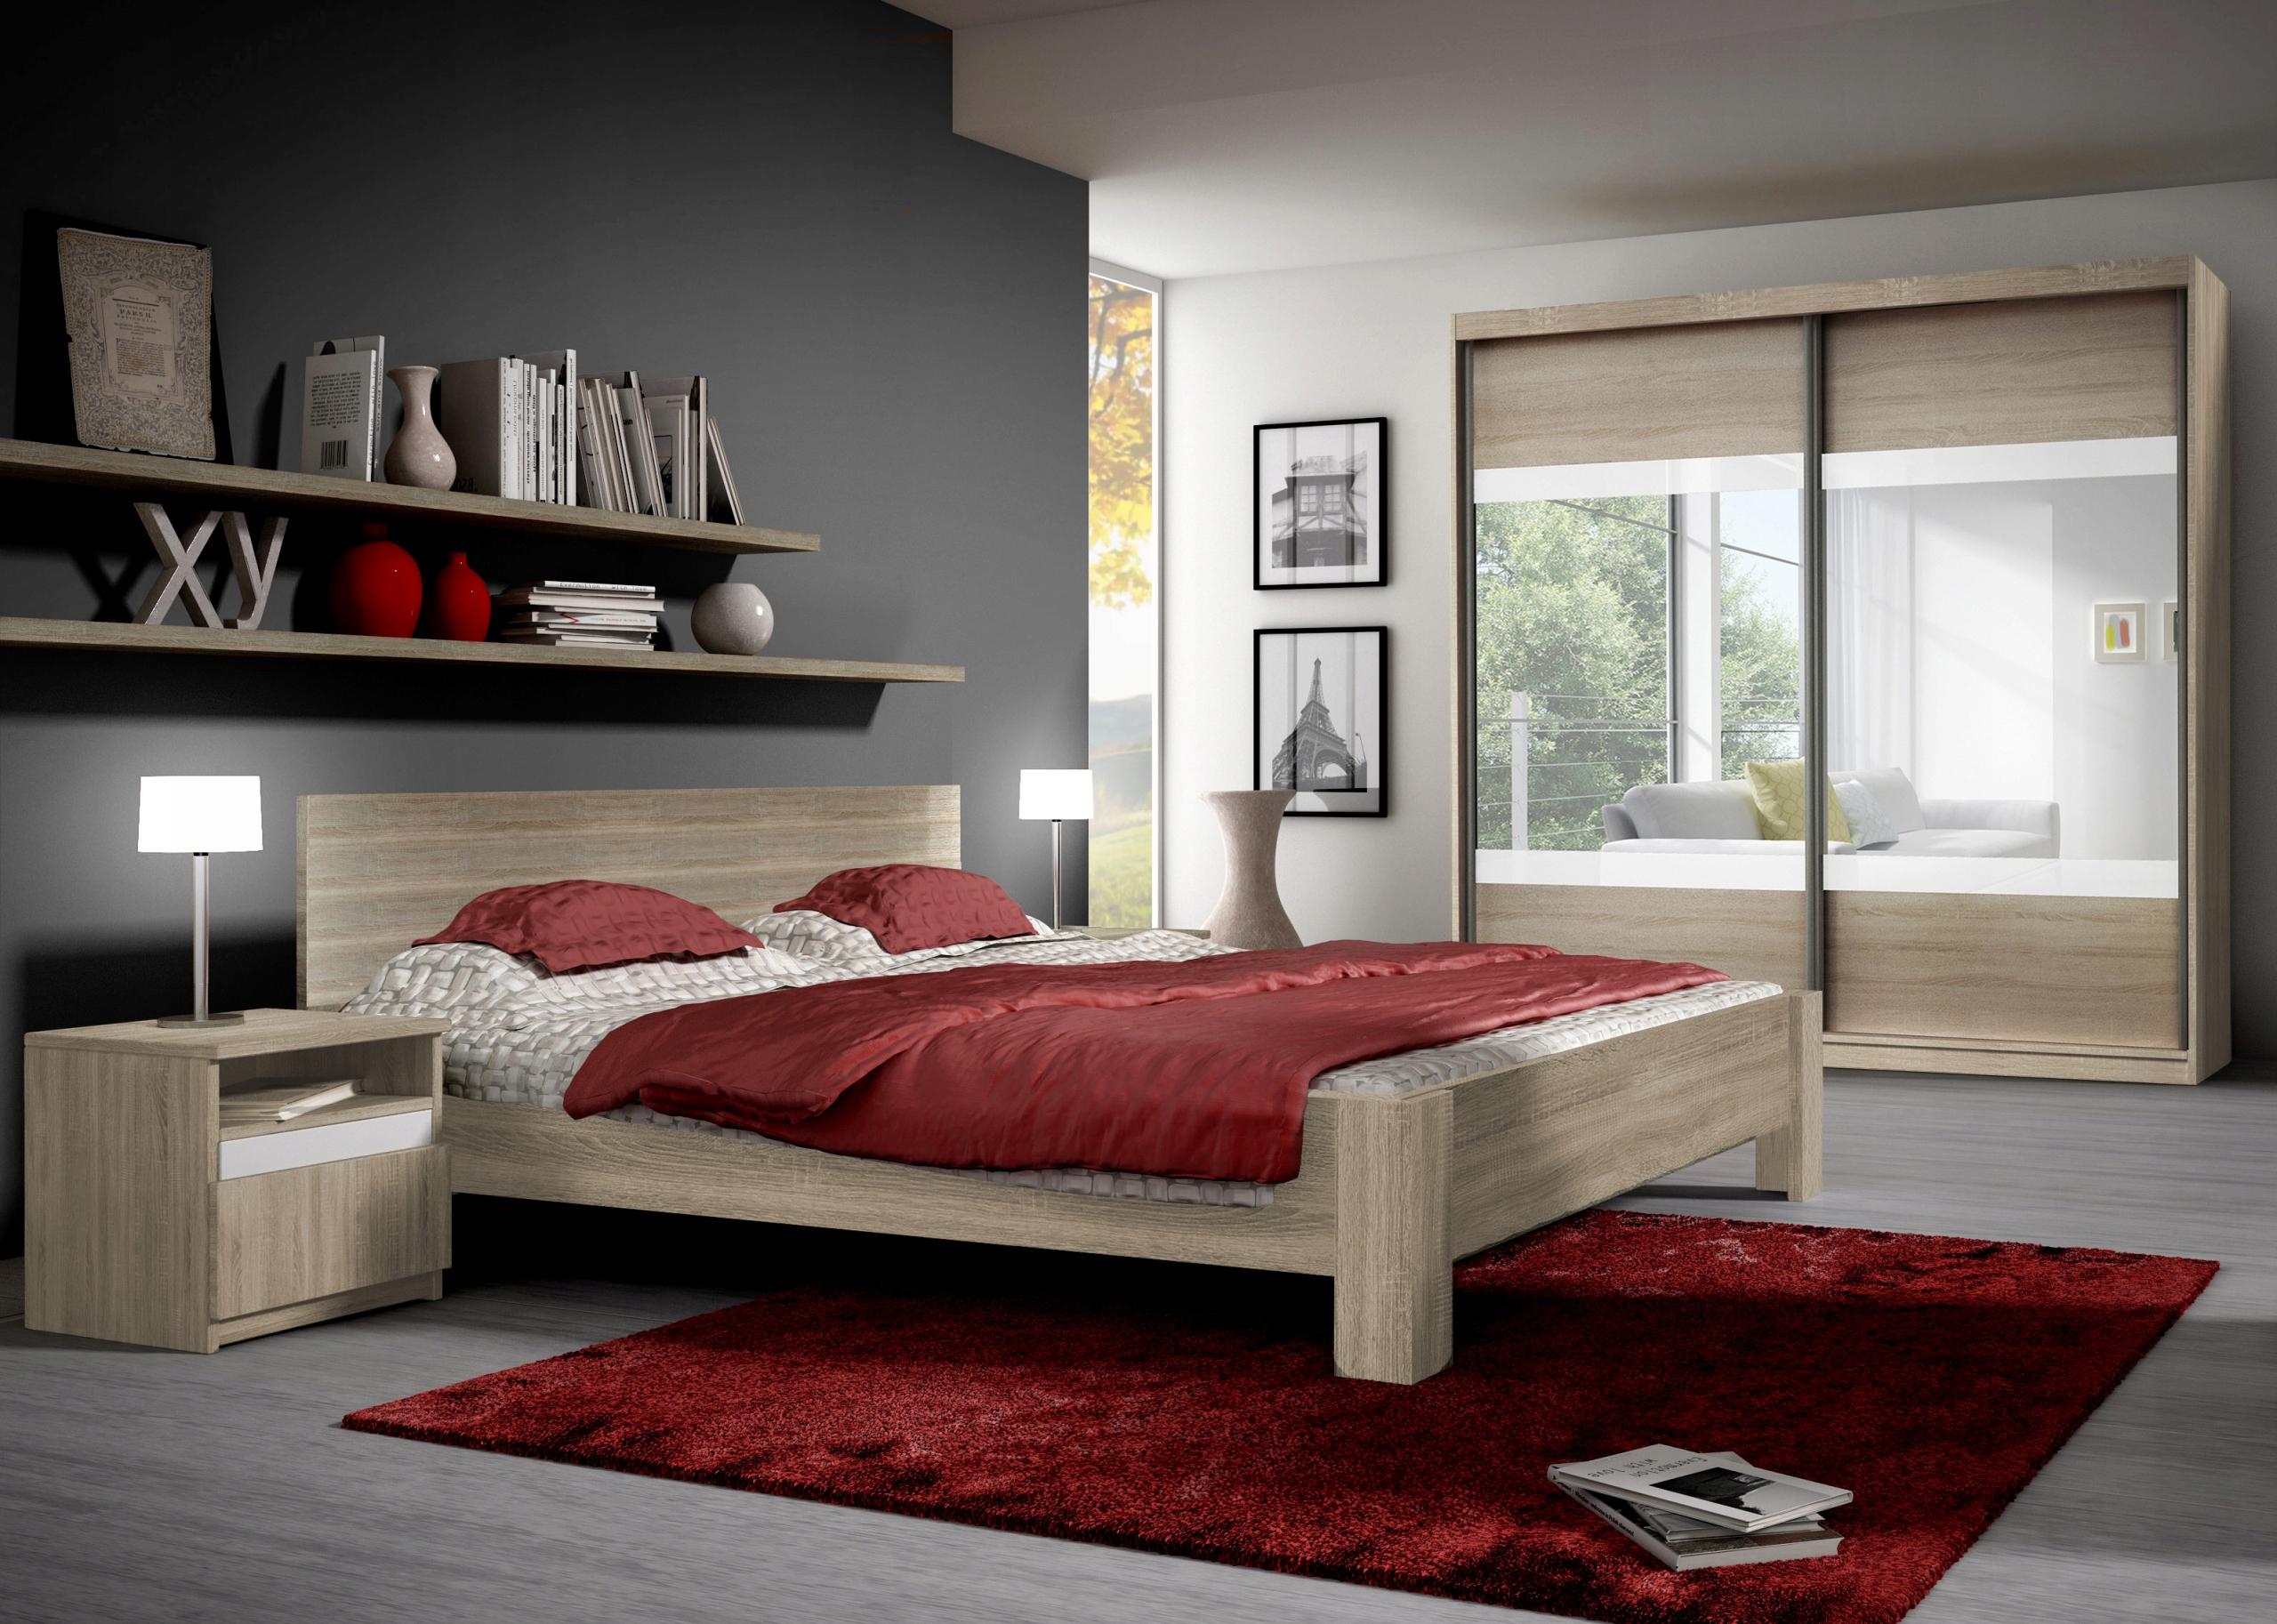 кровать шкаф 203 Столик Мебель для Спальня MEDI